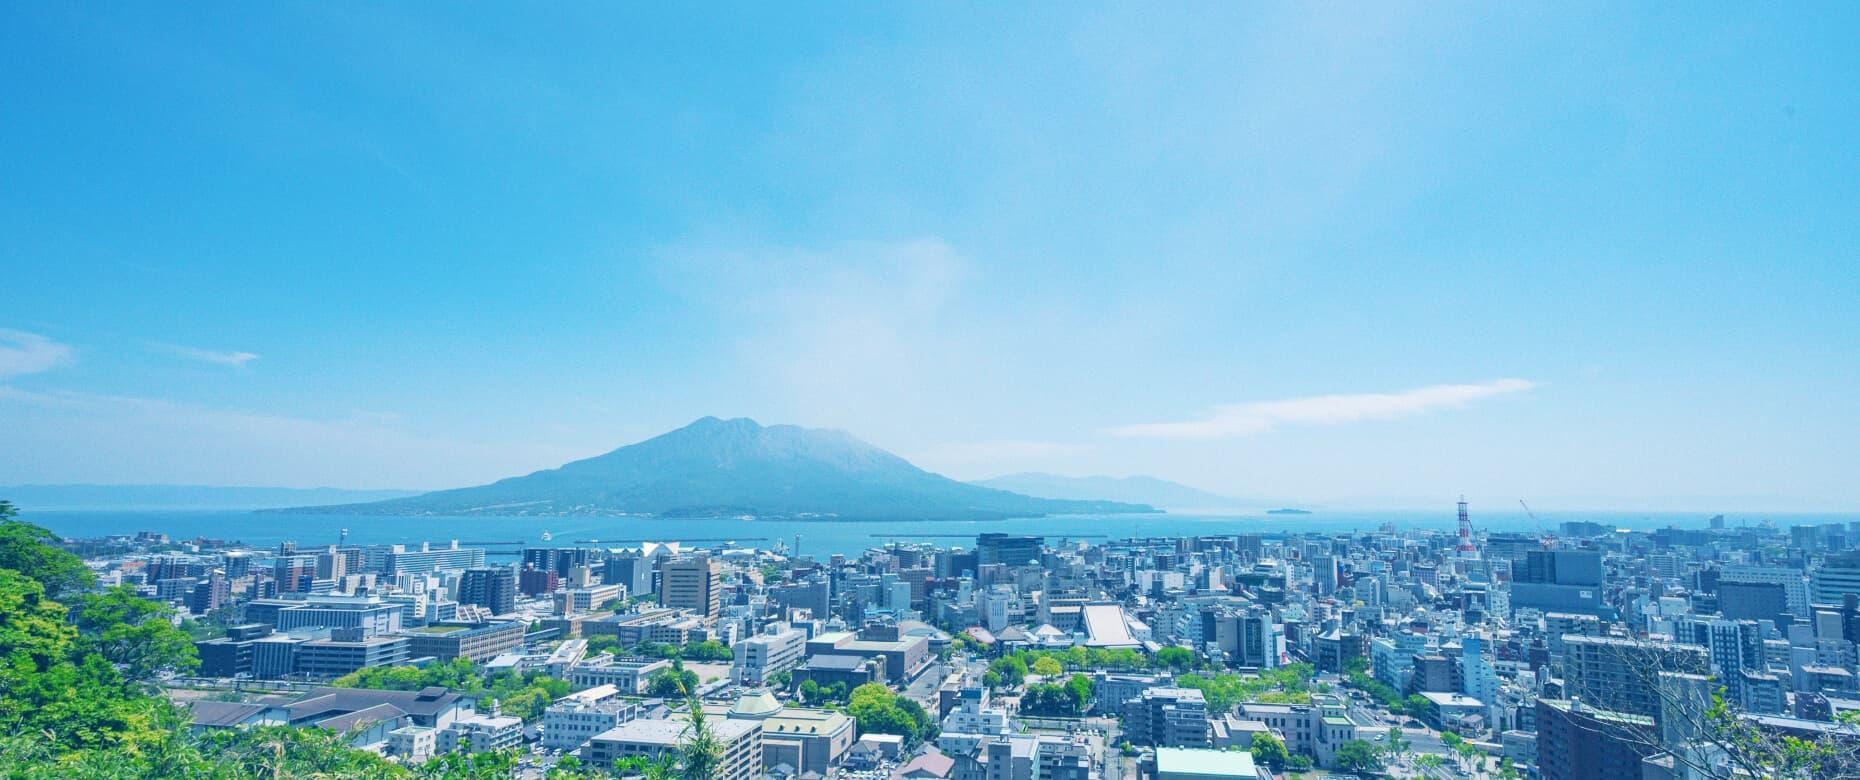 鹿児島市街地の風景